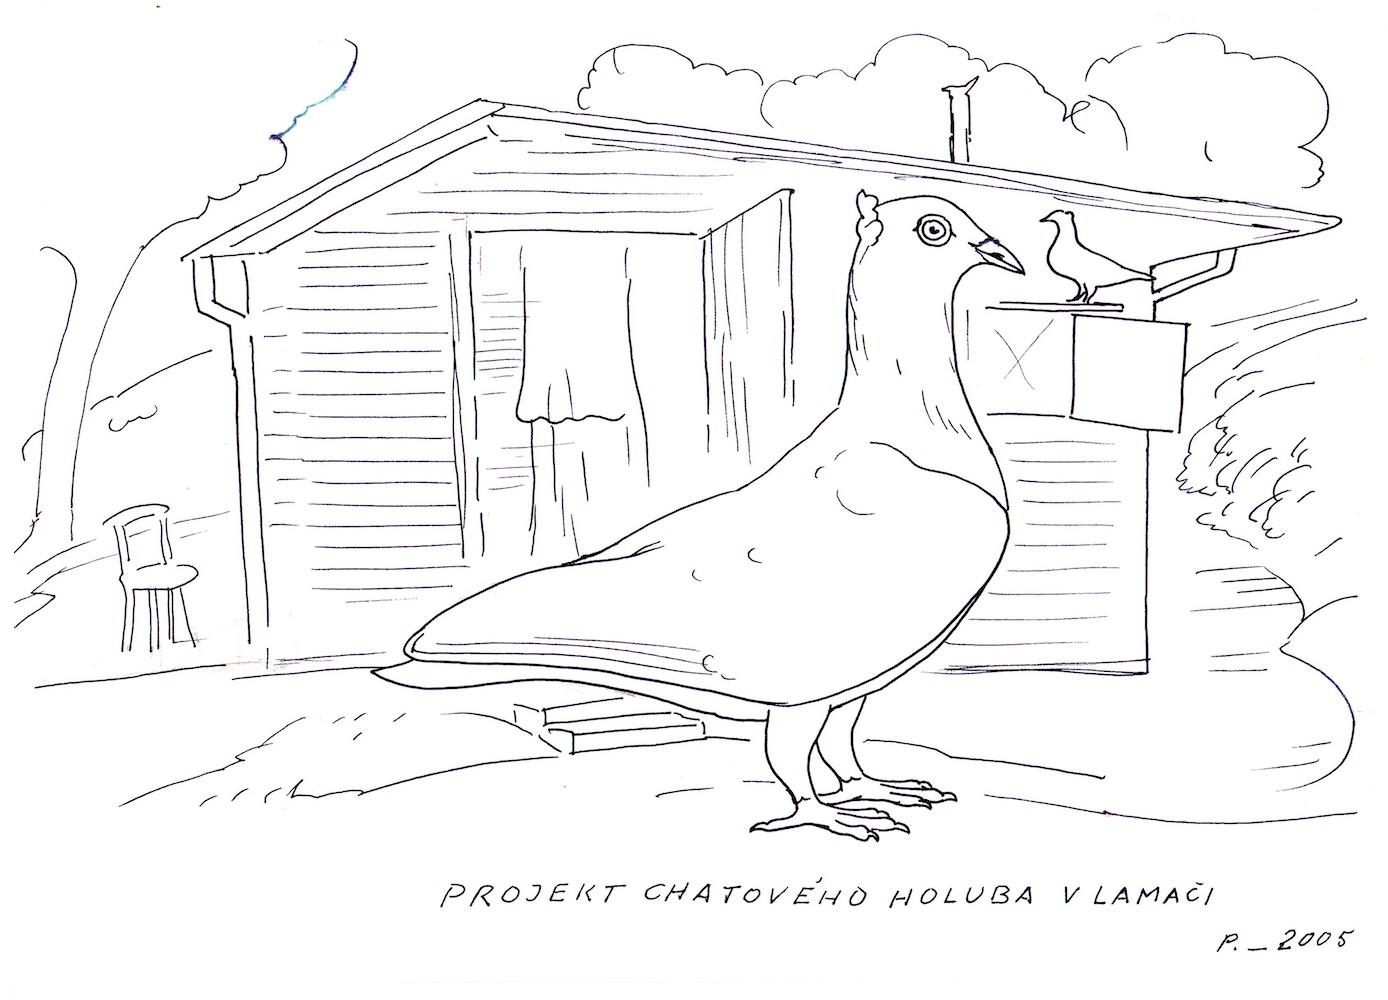 2005, Projekt chatového holuba v Lamači, obojstranná kresba, 29,5x20 cm